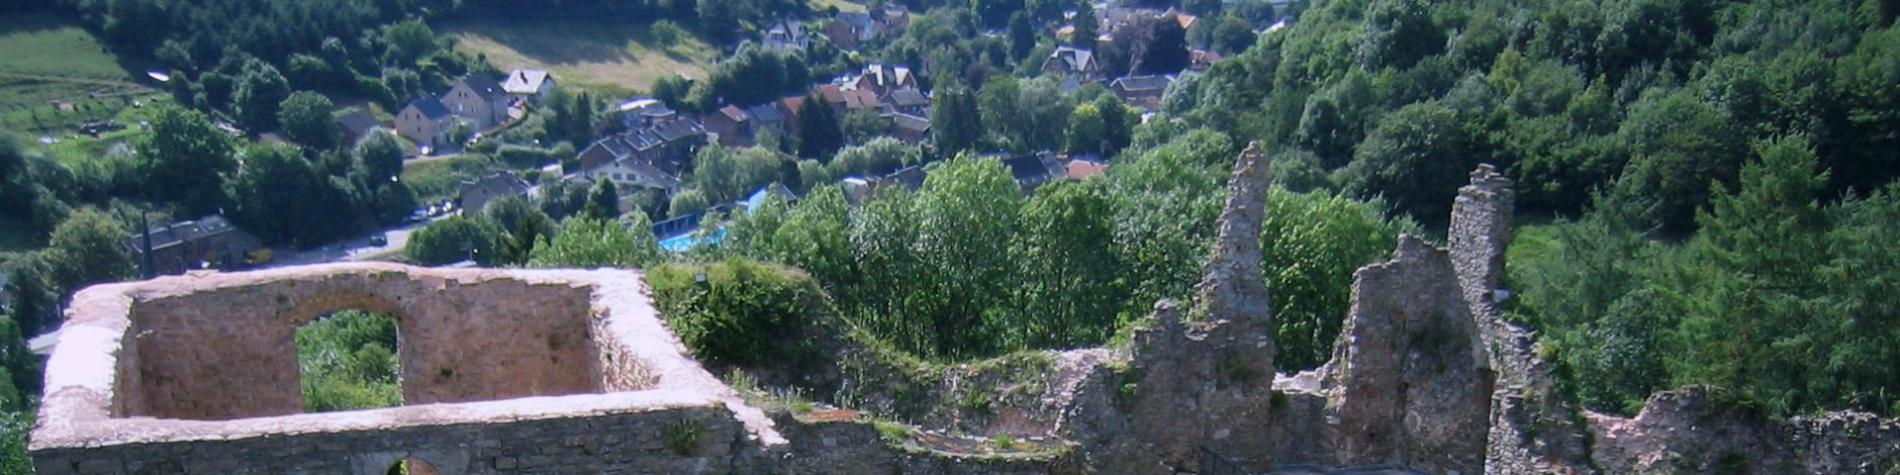 Château - Franchimont - Forteresse médiévale - Theux - XIe siècle - architecture militaire